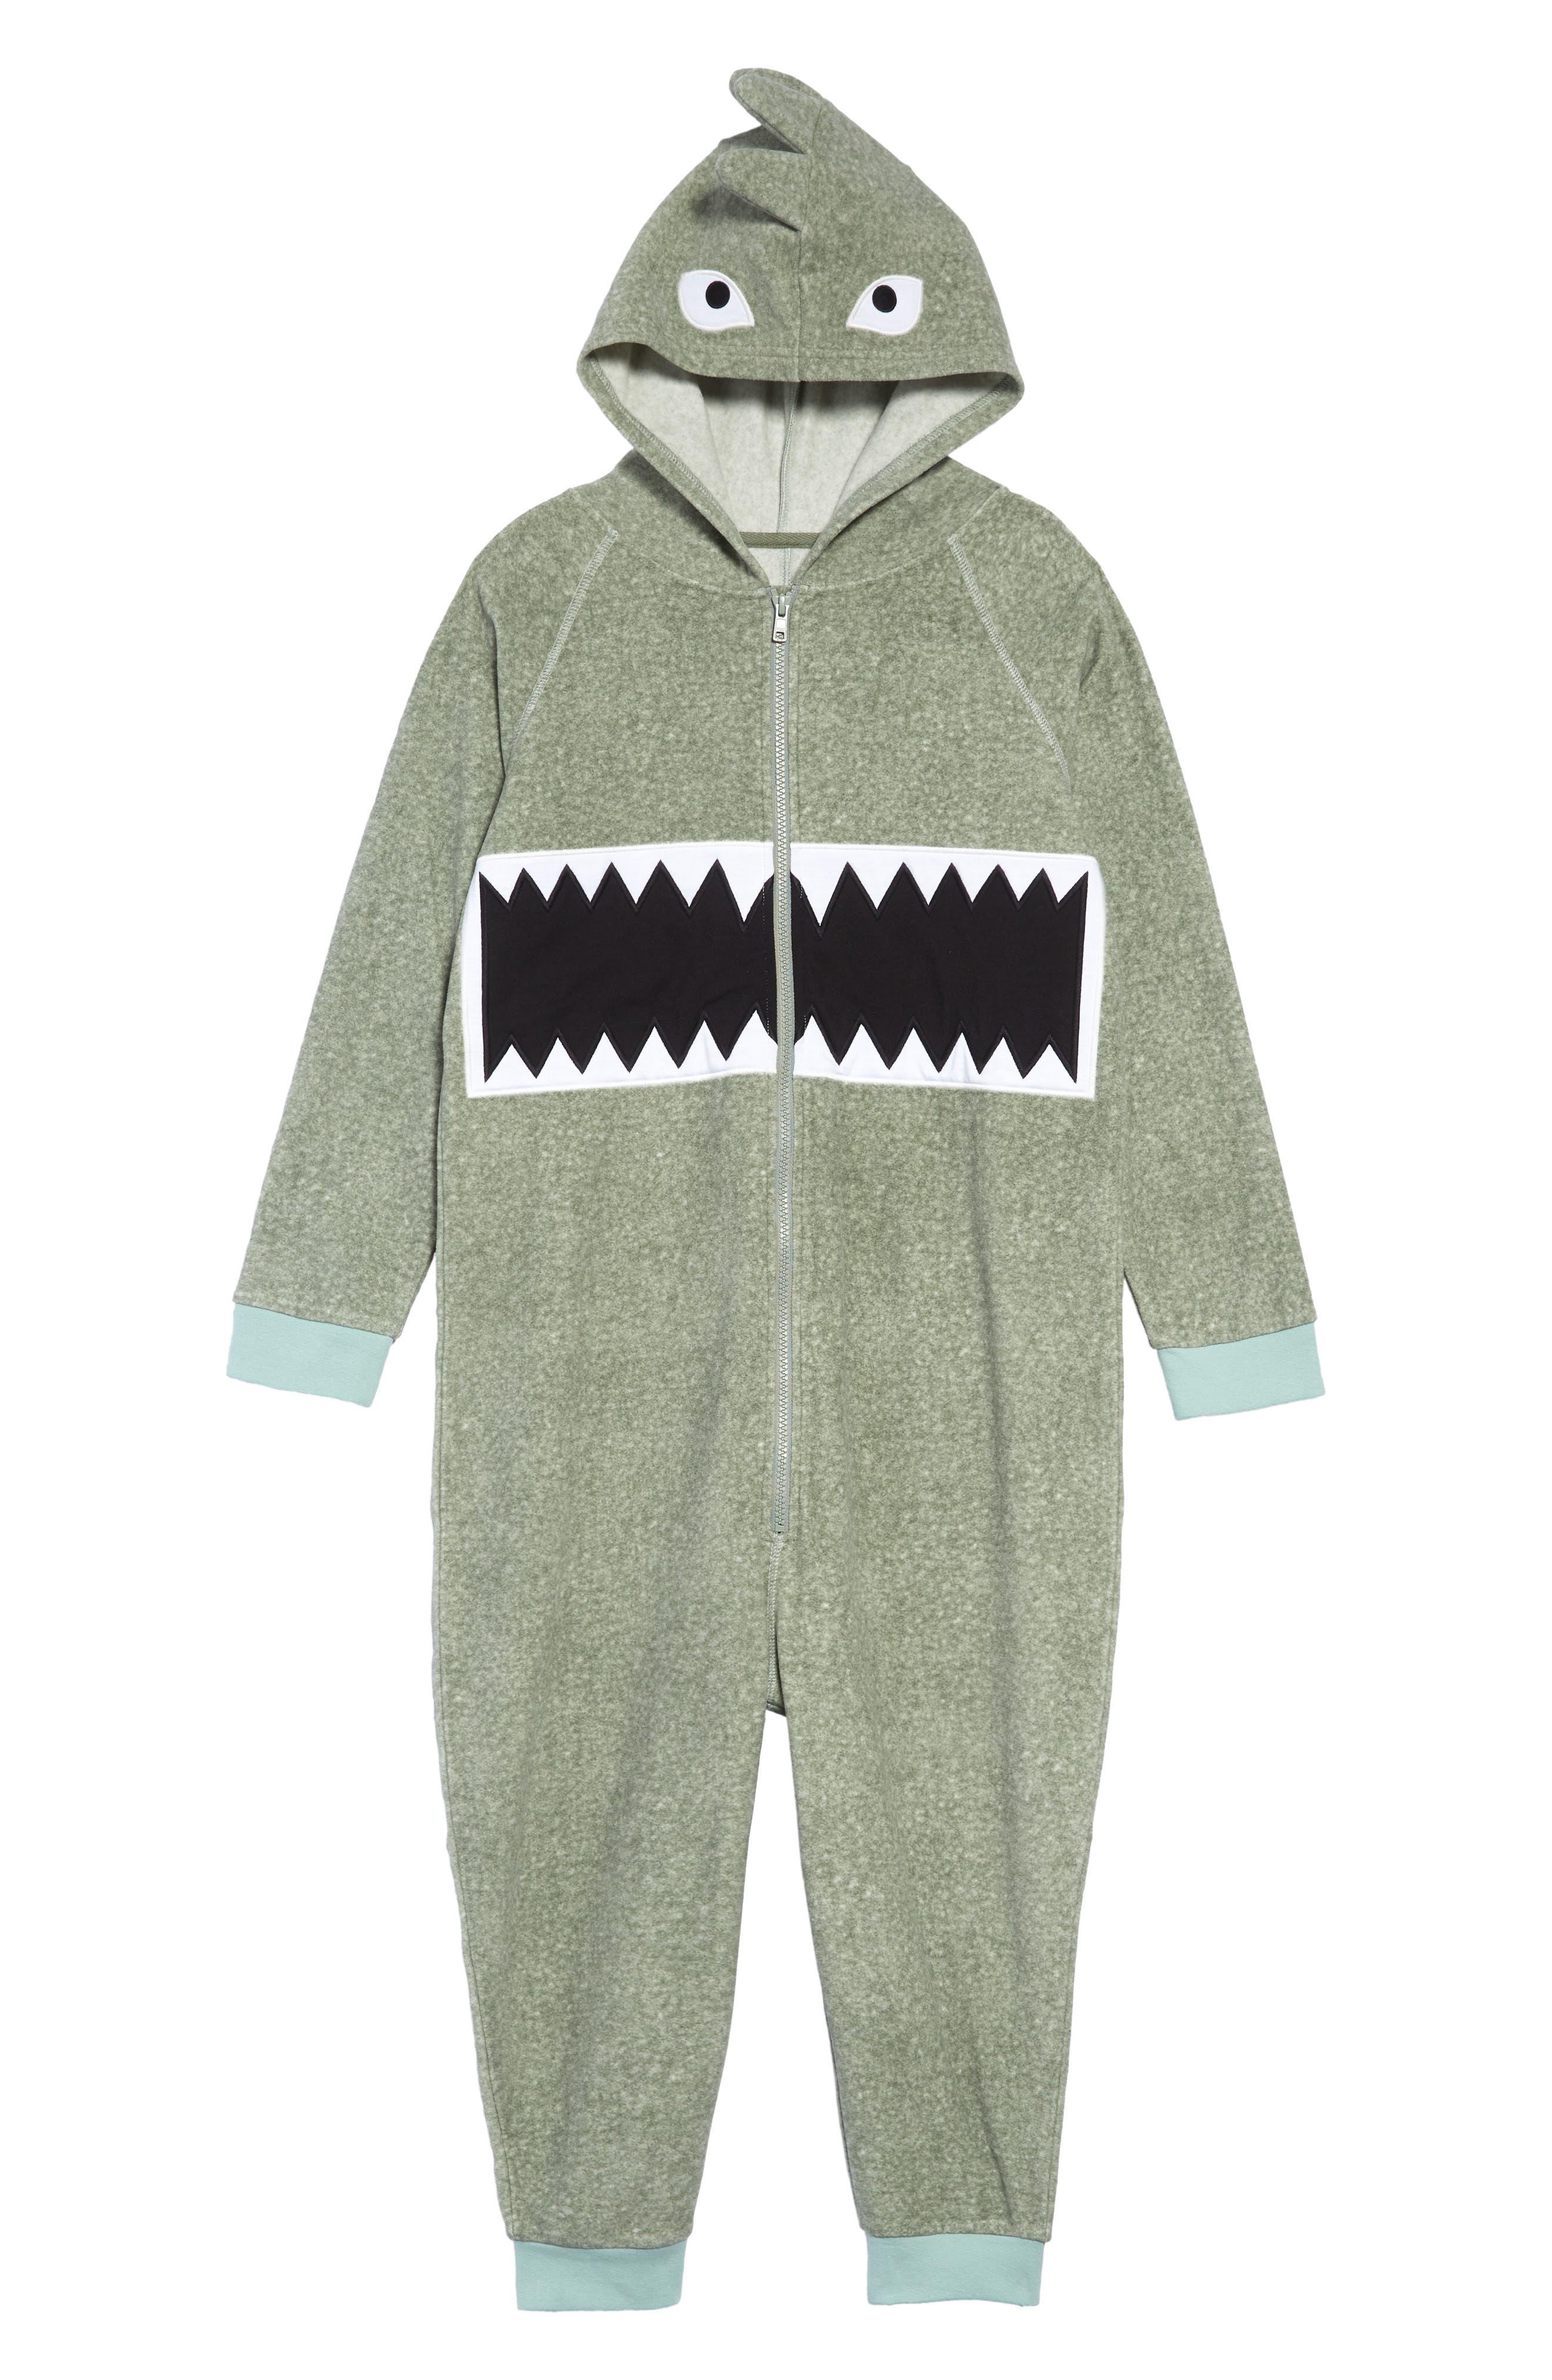 Boys Tucker  Tate Dino Animal OnePiece Pajamas Size L (1012)  Green